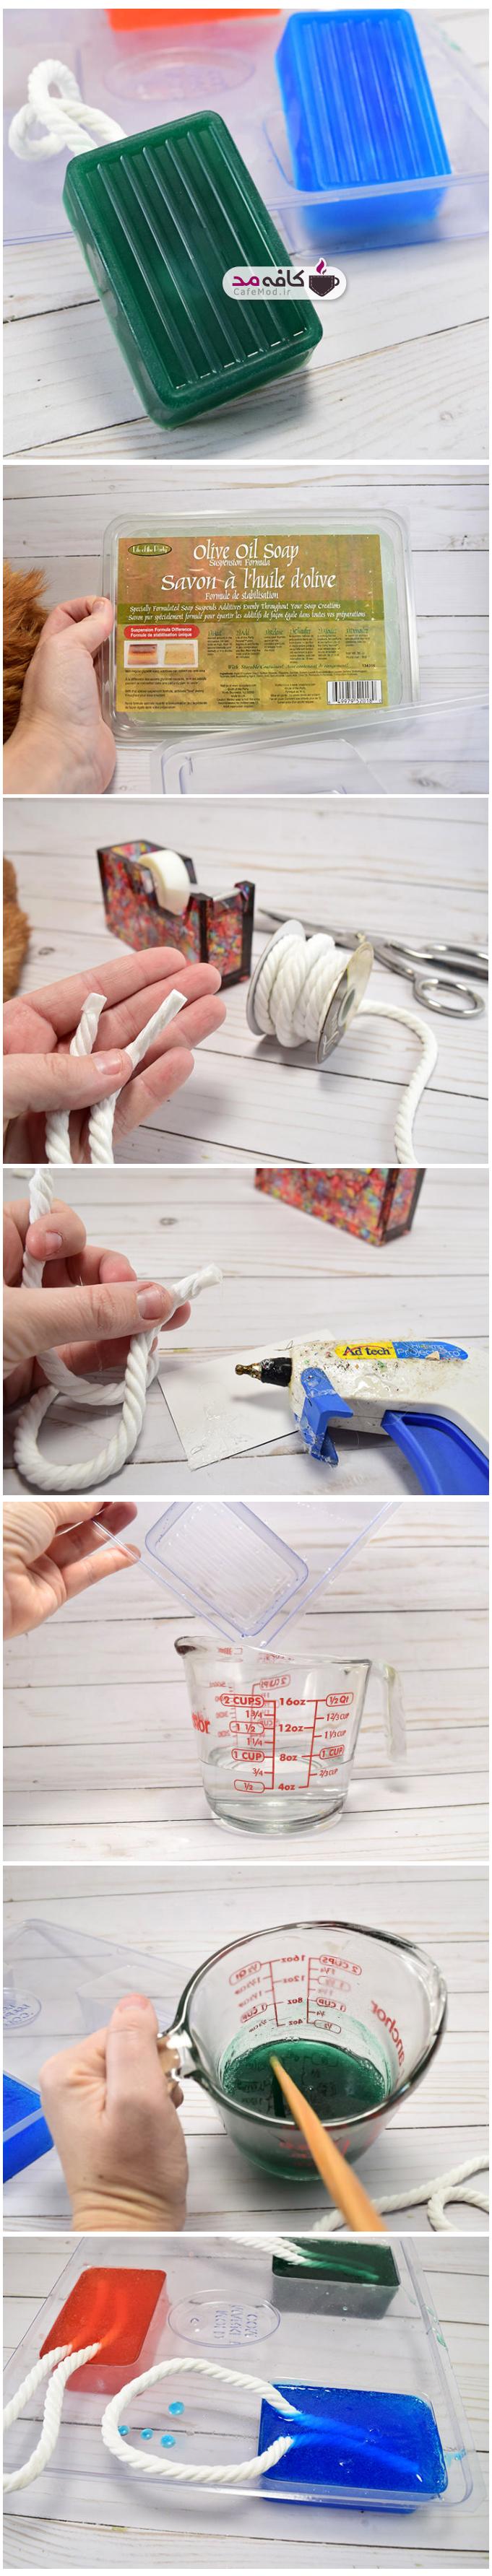 آموزش ساخت صابون های طناب دار